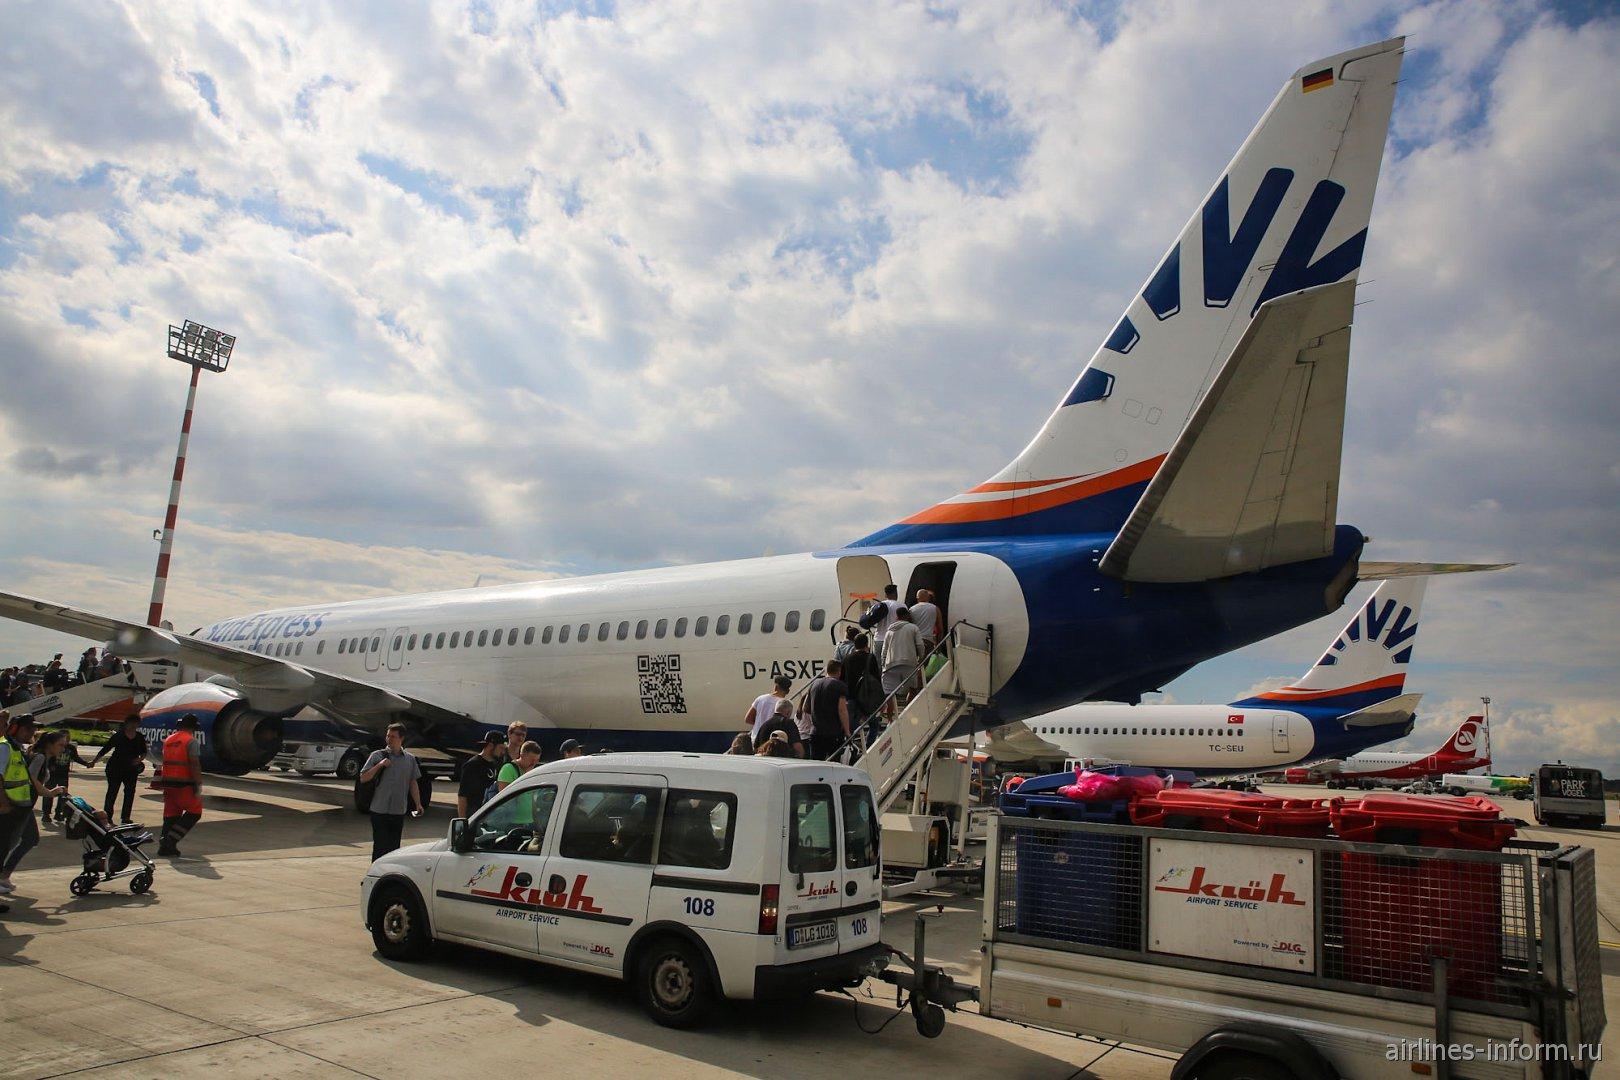 Боинг-737-800 авиакомпании SunExpress Germany в аэропорту Дюссельдорфа